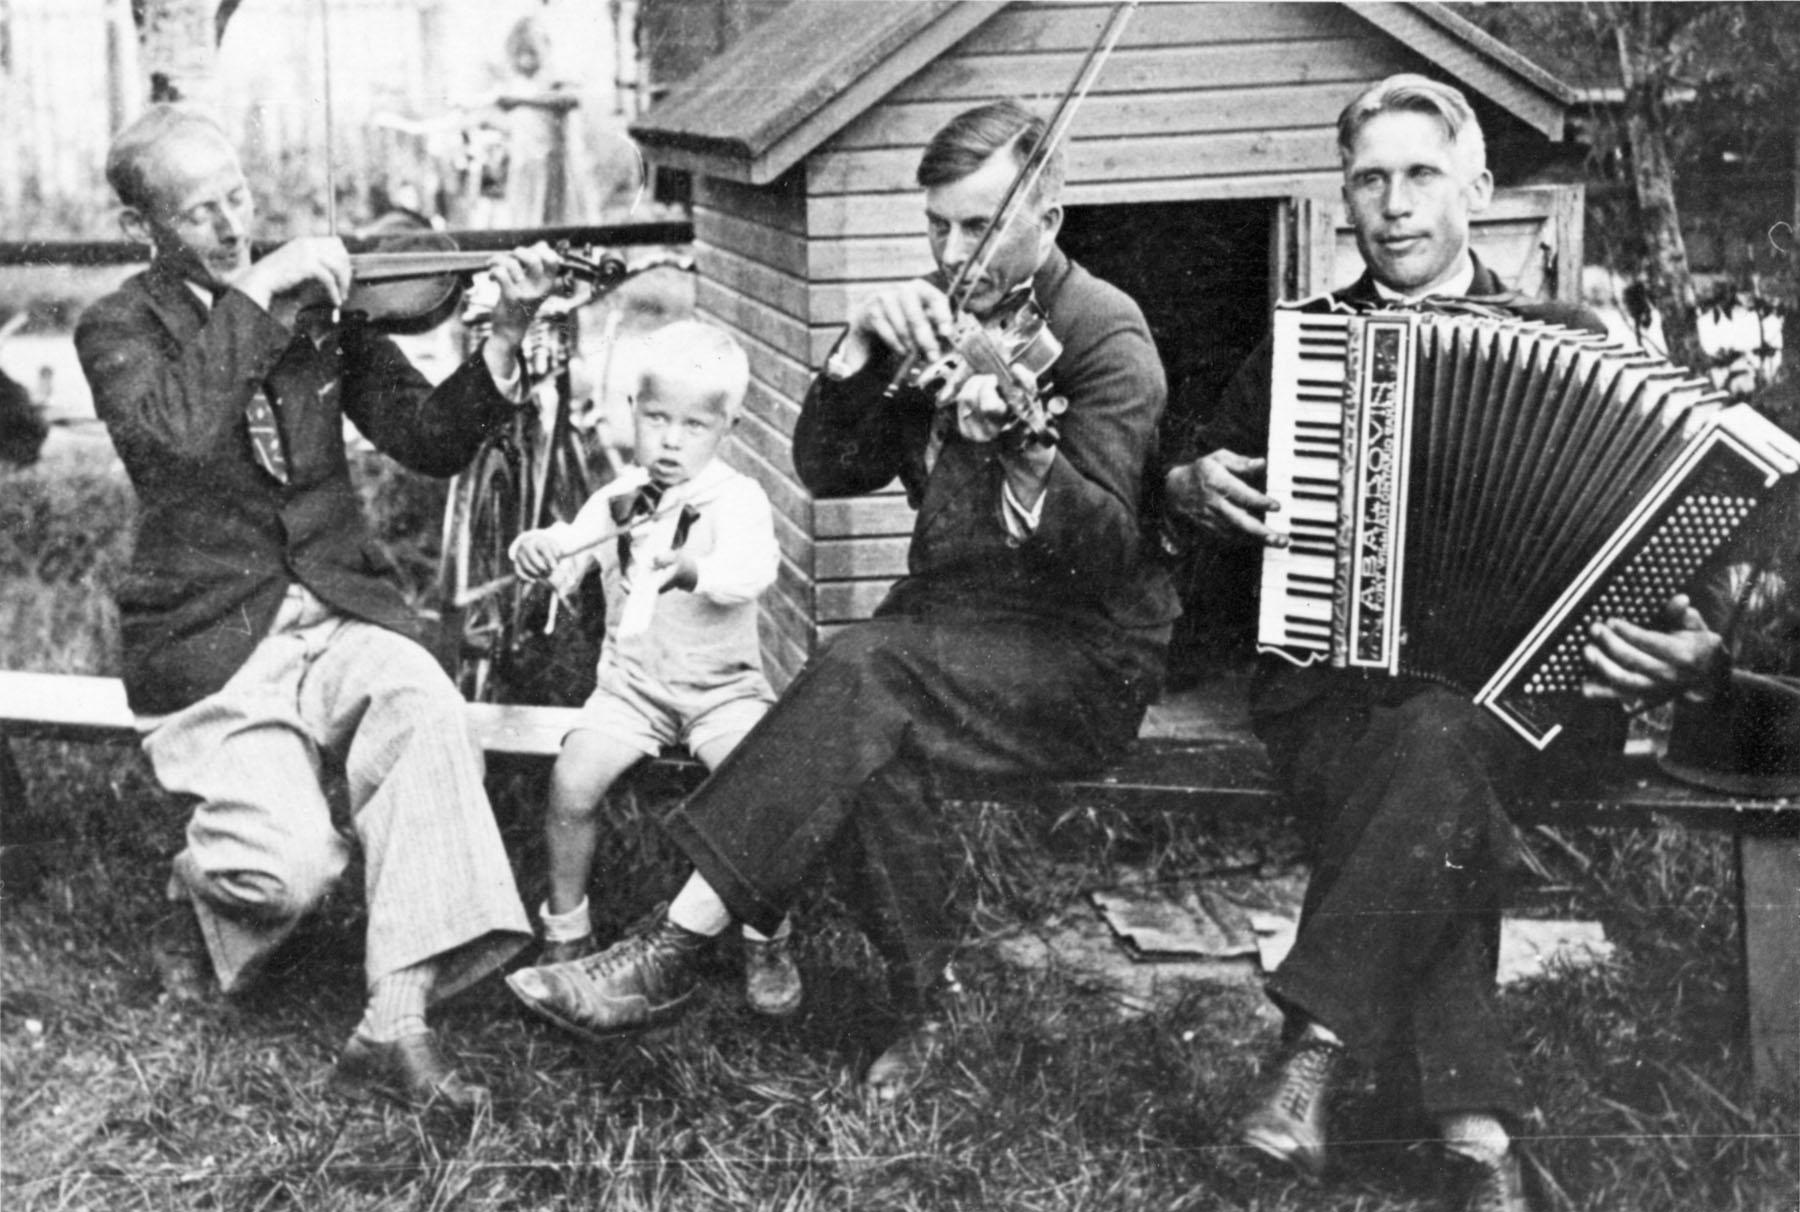 Vasemmalta Elias Kentala (viulu) , Aarne Järvelä (soittaa puusta veistettyä pientä viulua), Johannes Järvelä (viulu) ja Veikko Sylvester Järvelä (harmonikka).